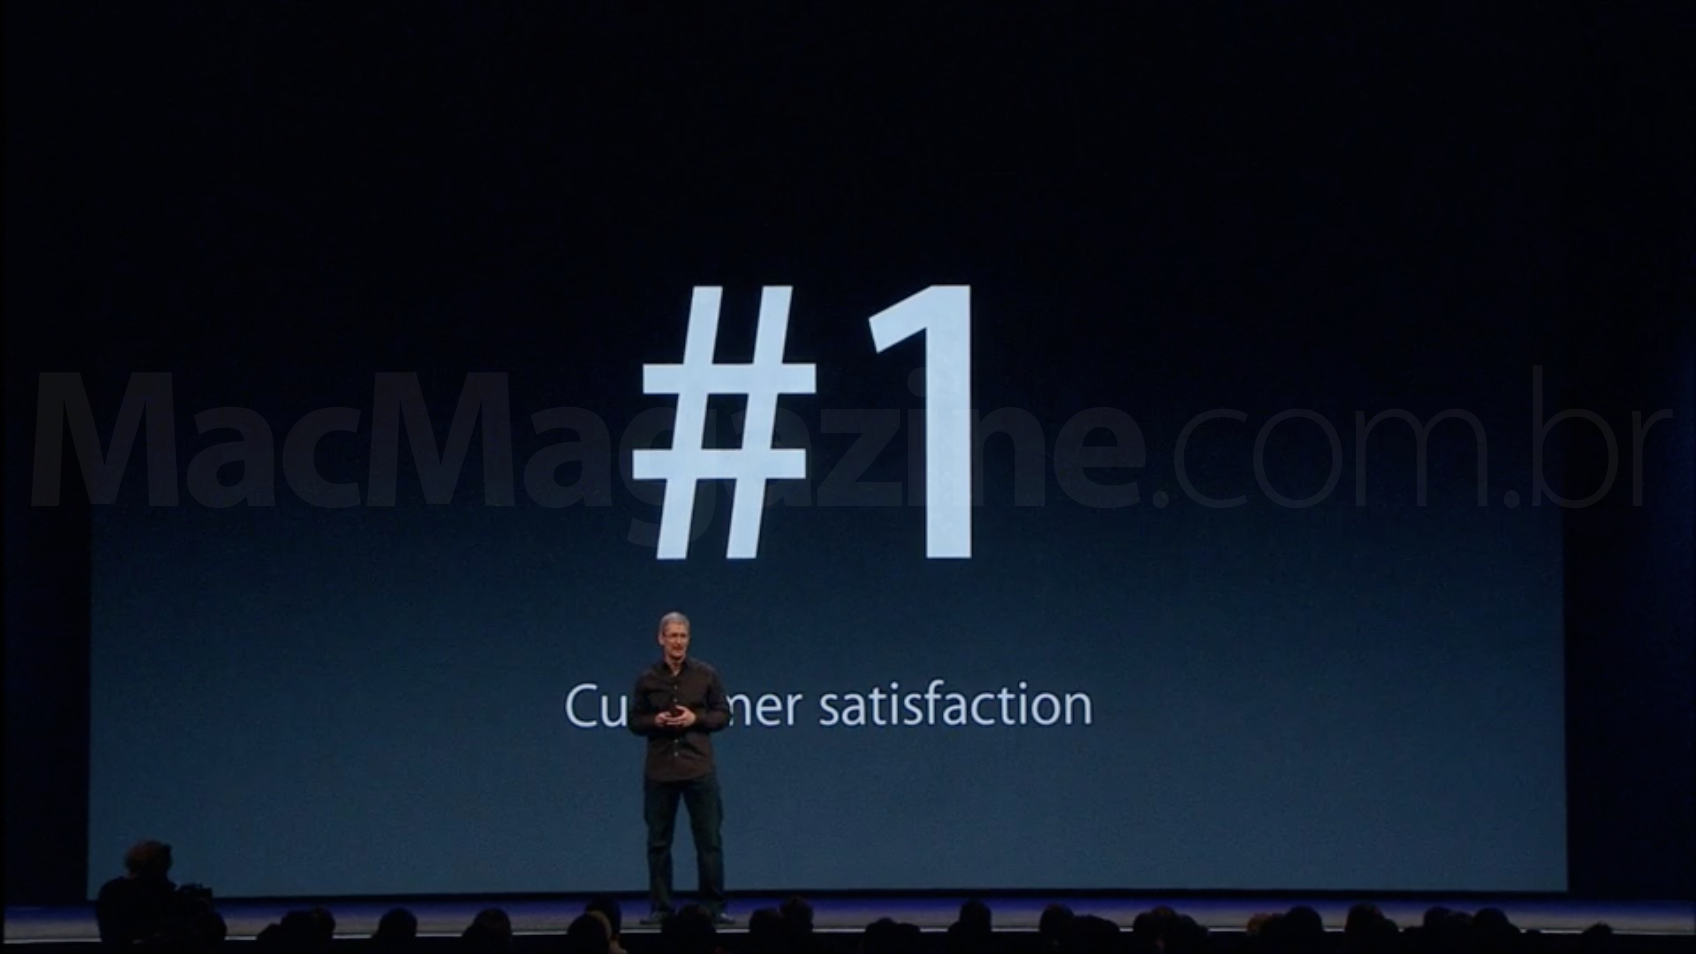 Tim Cook falando sobre satisfação do cliente - WWDC 2013